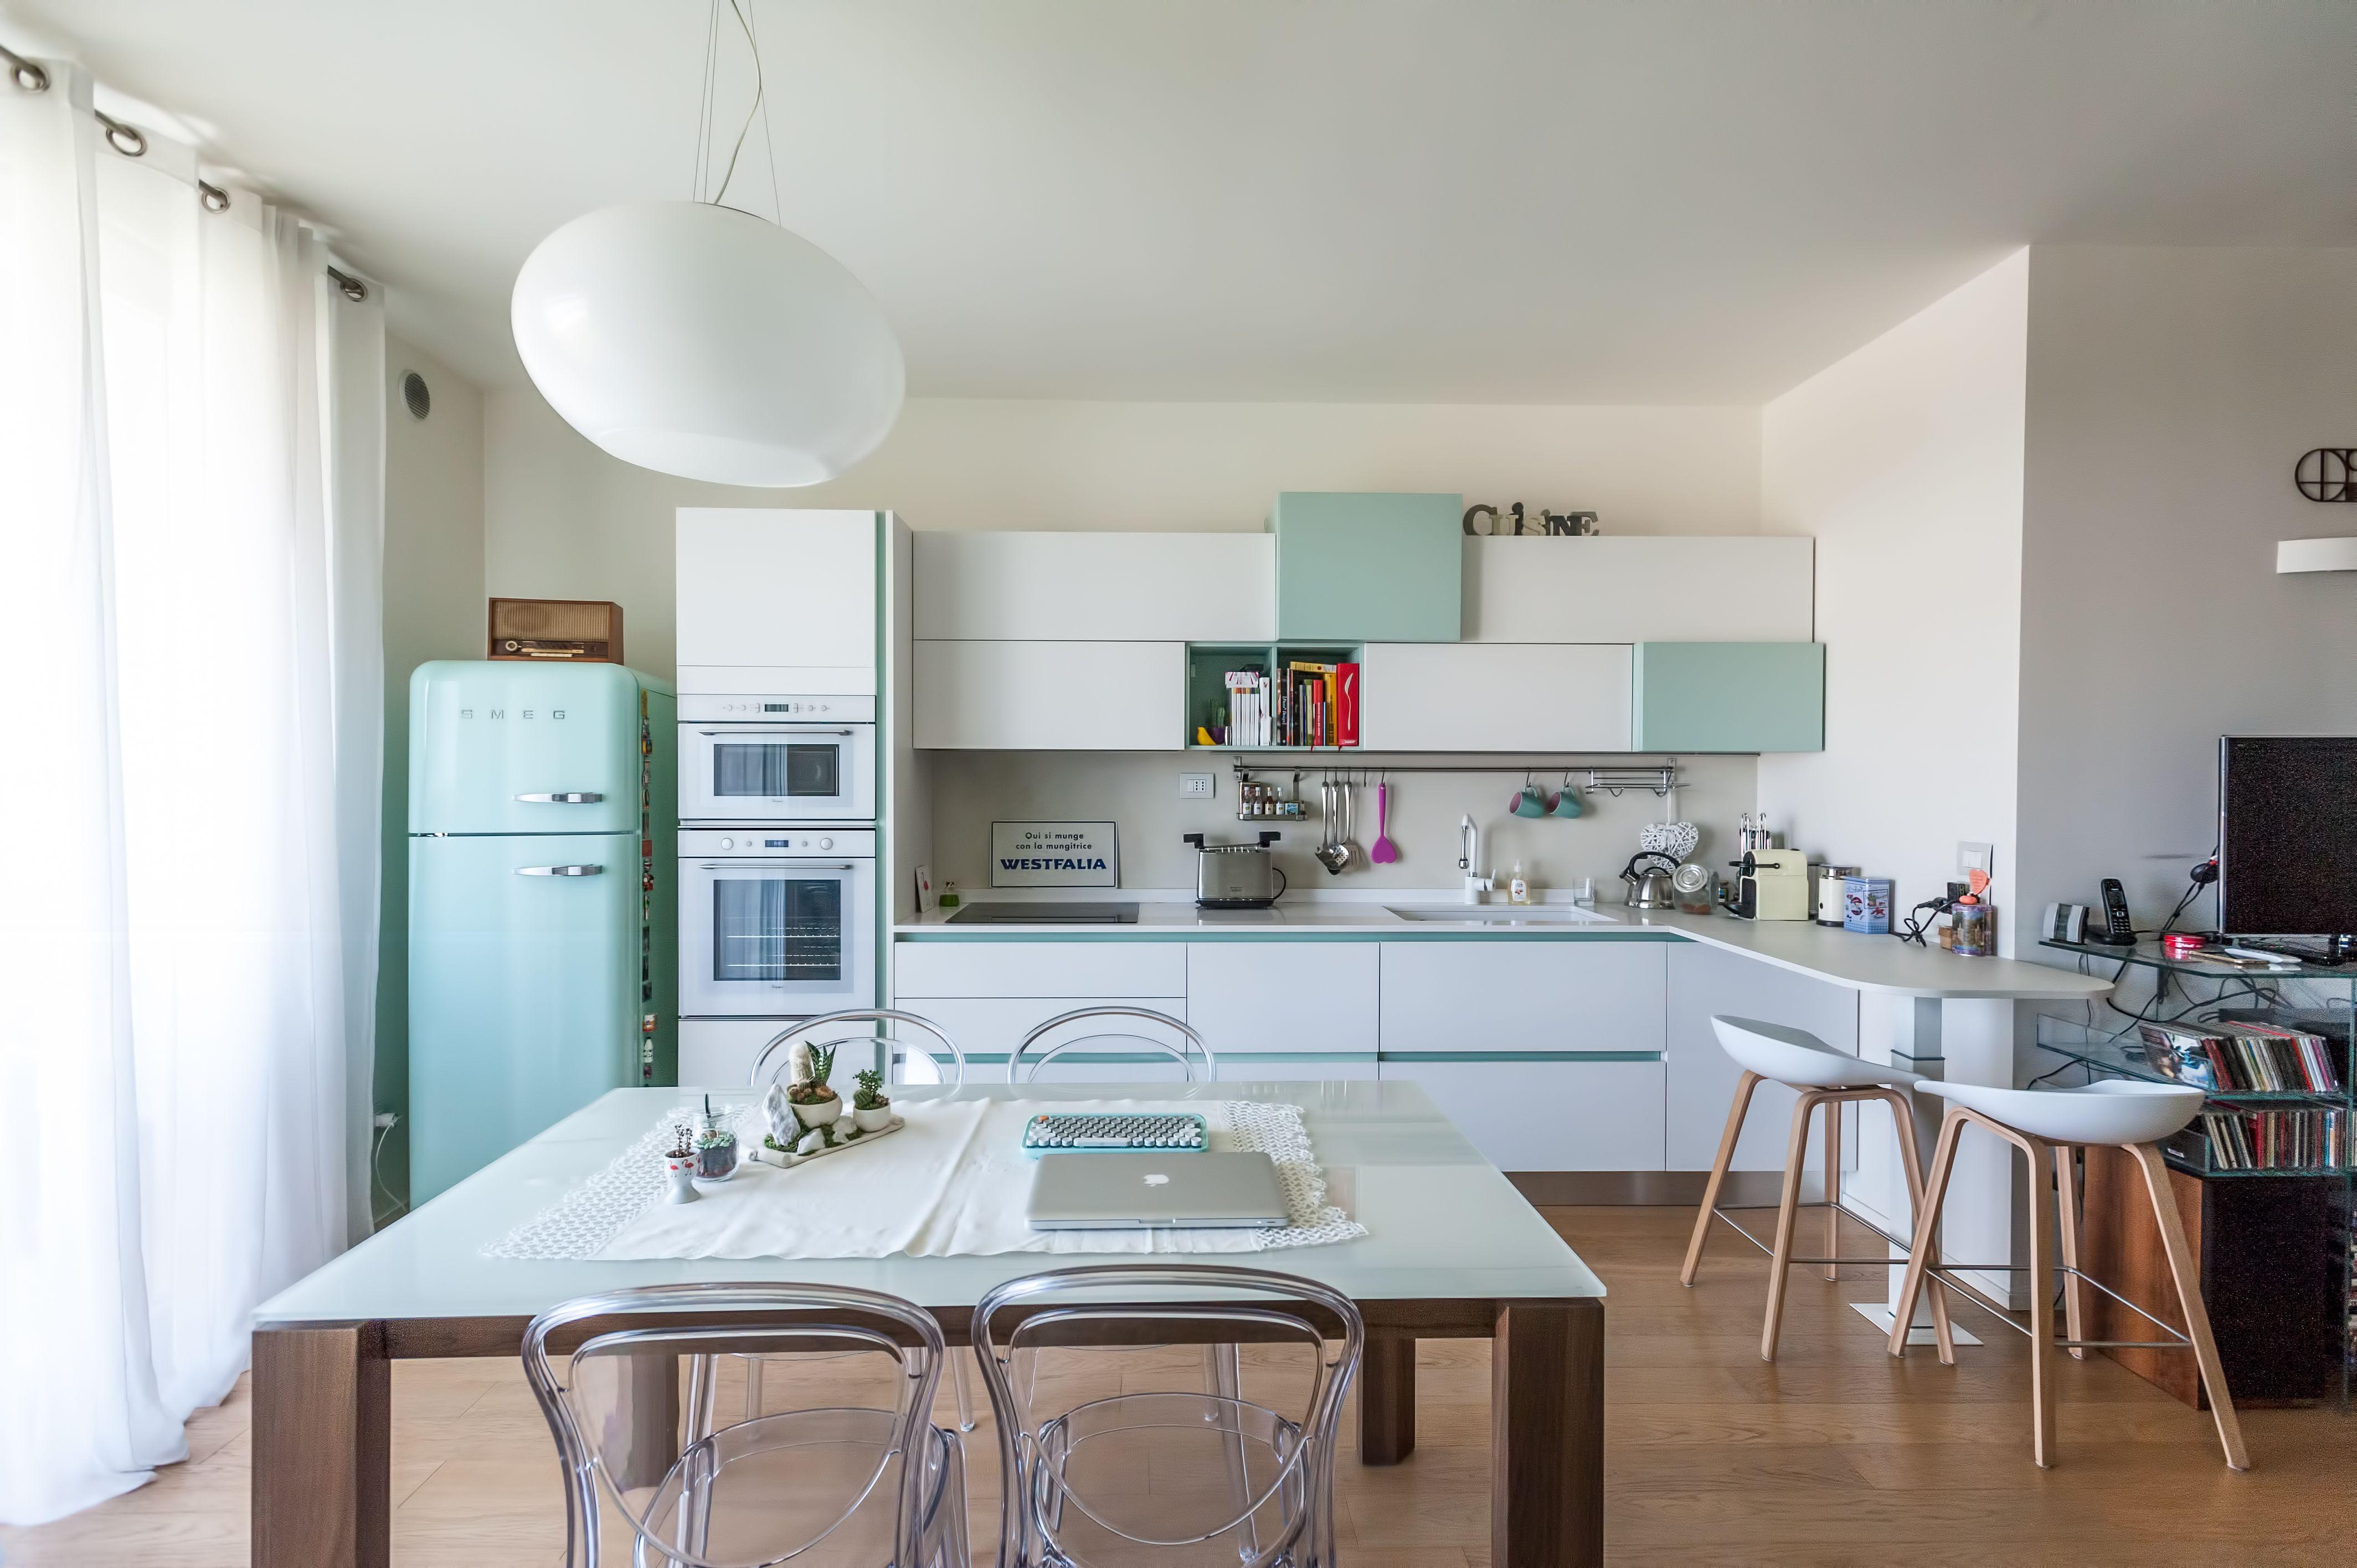 Cucina lube immagina inserti colore salvia frigo smeg verde